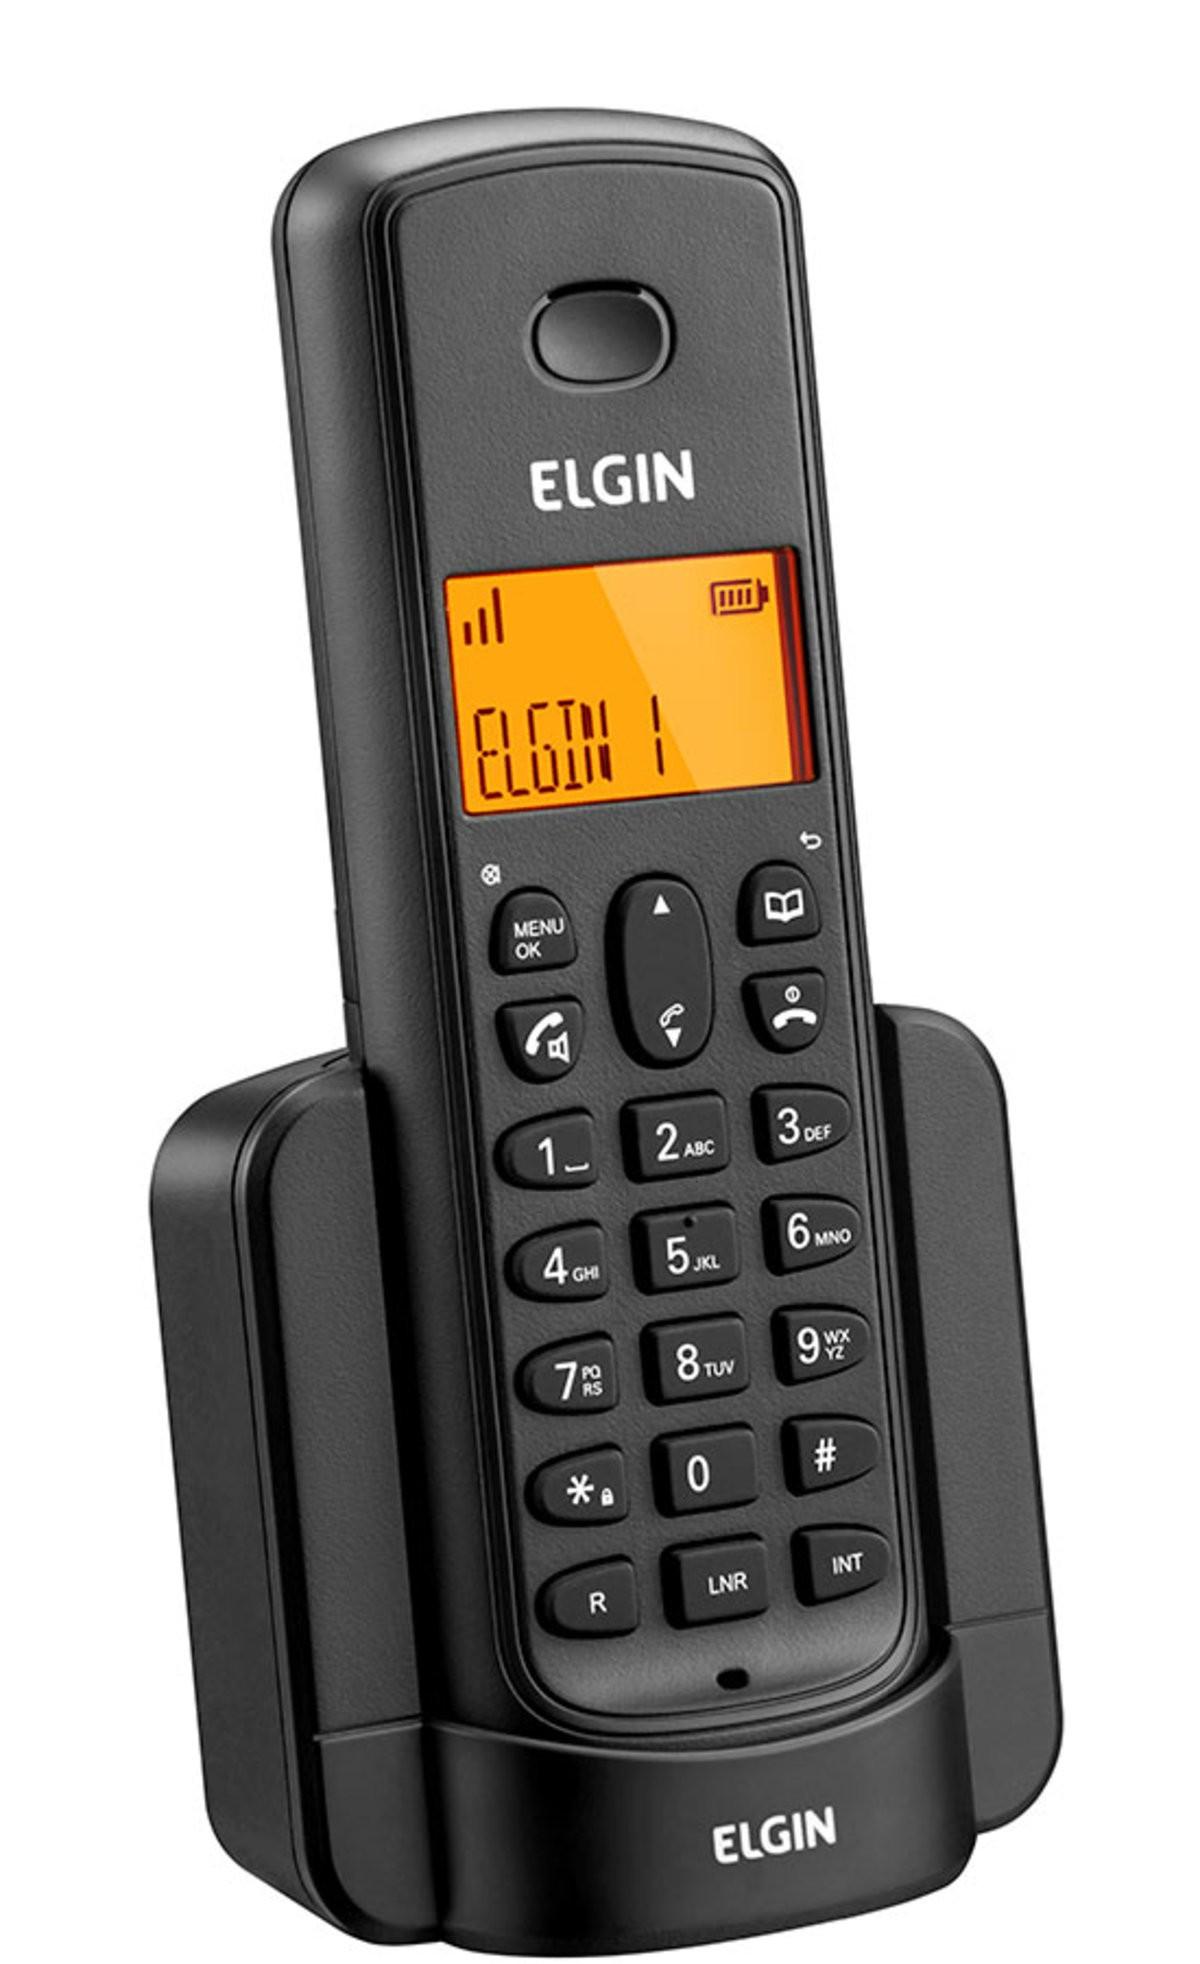 Telefone sem fio Elgin TSF 8002 - Preto  - EMPORIO K